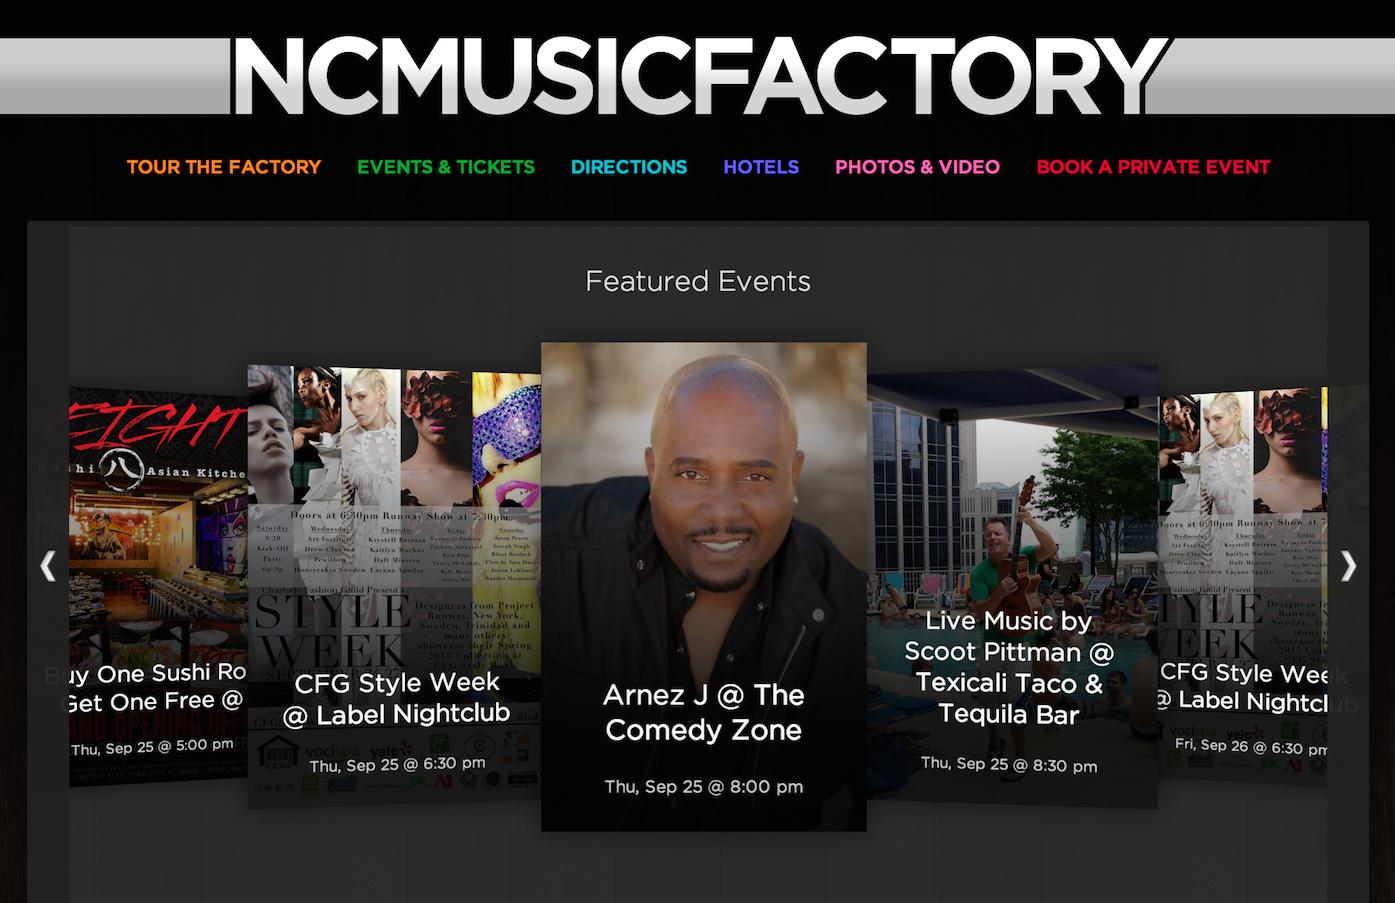 showcase - ncmusicfactory 2